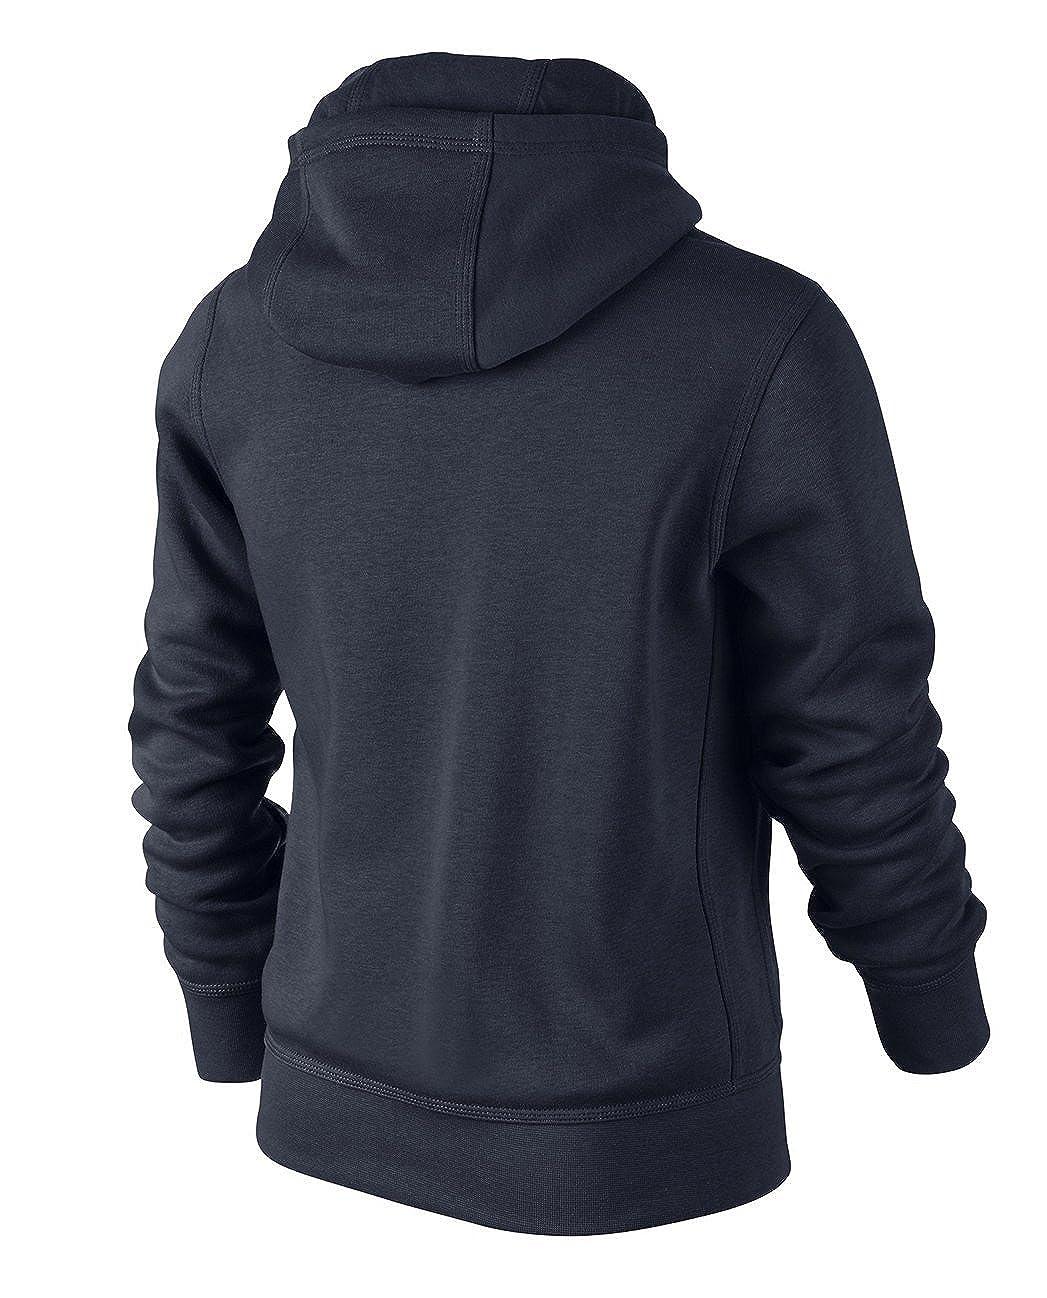 d16411e06b88 NIKE Brushed Fleece Full-Zip (8y-15y) Older Boys  Hoodie  Amazon.ca   Clothing   Accessories